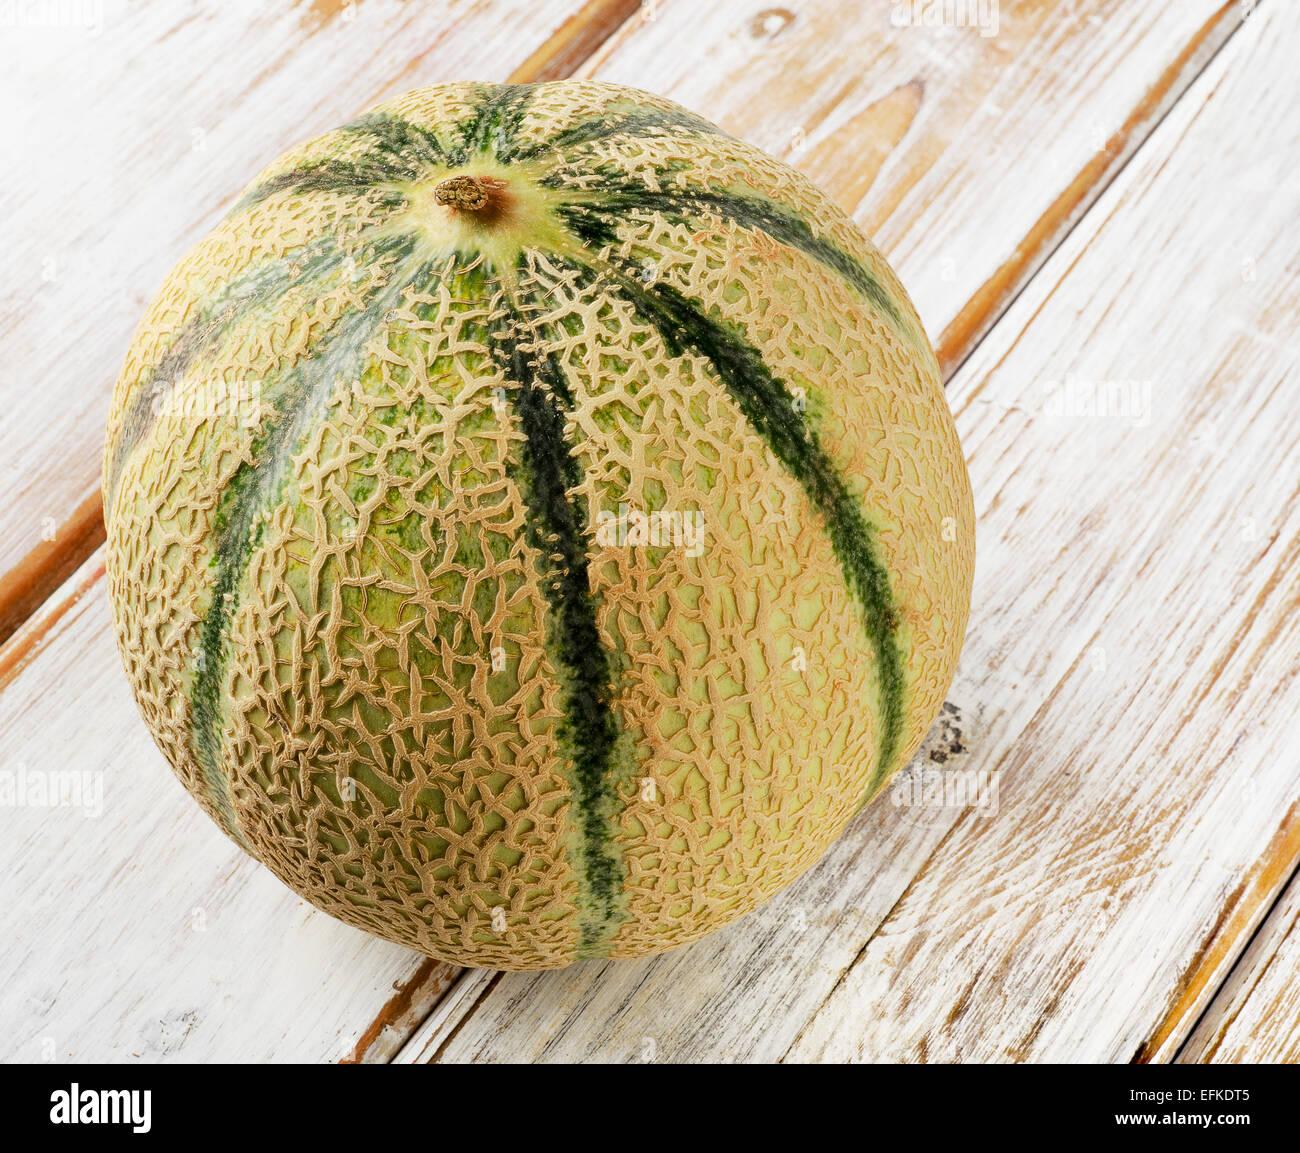 Melone intero su un sfondo di legno. Messa a fuoco selettiva Immagini Stock